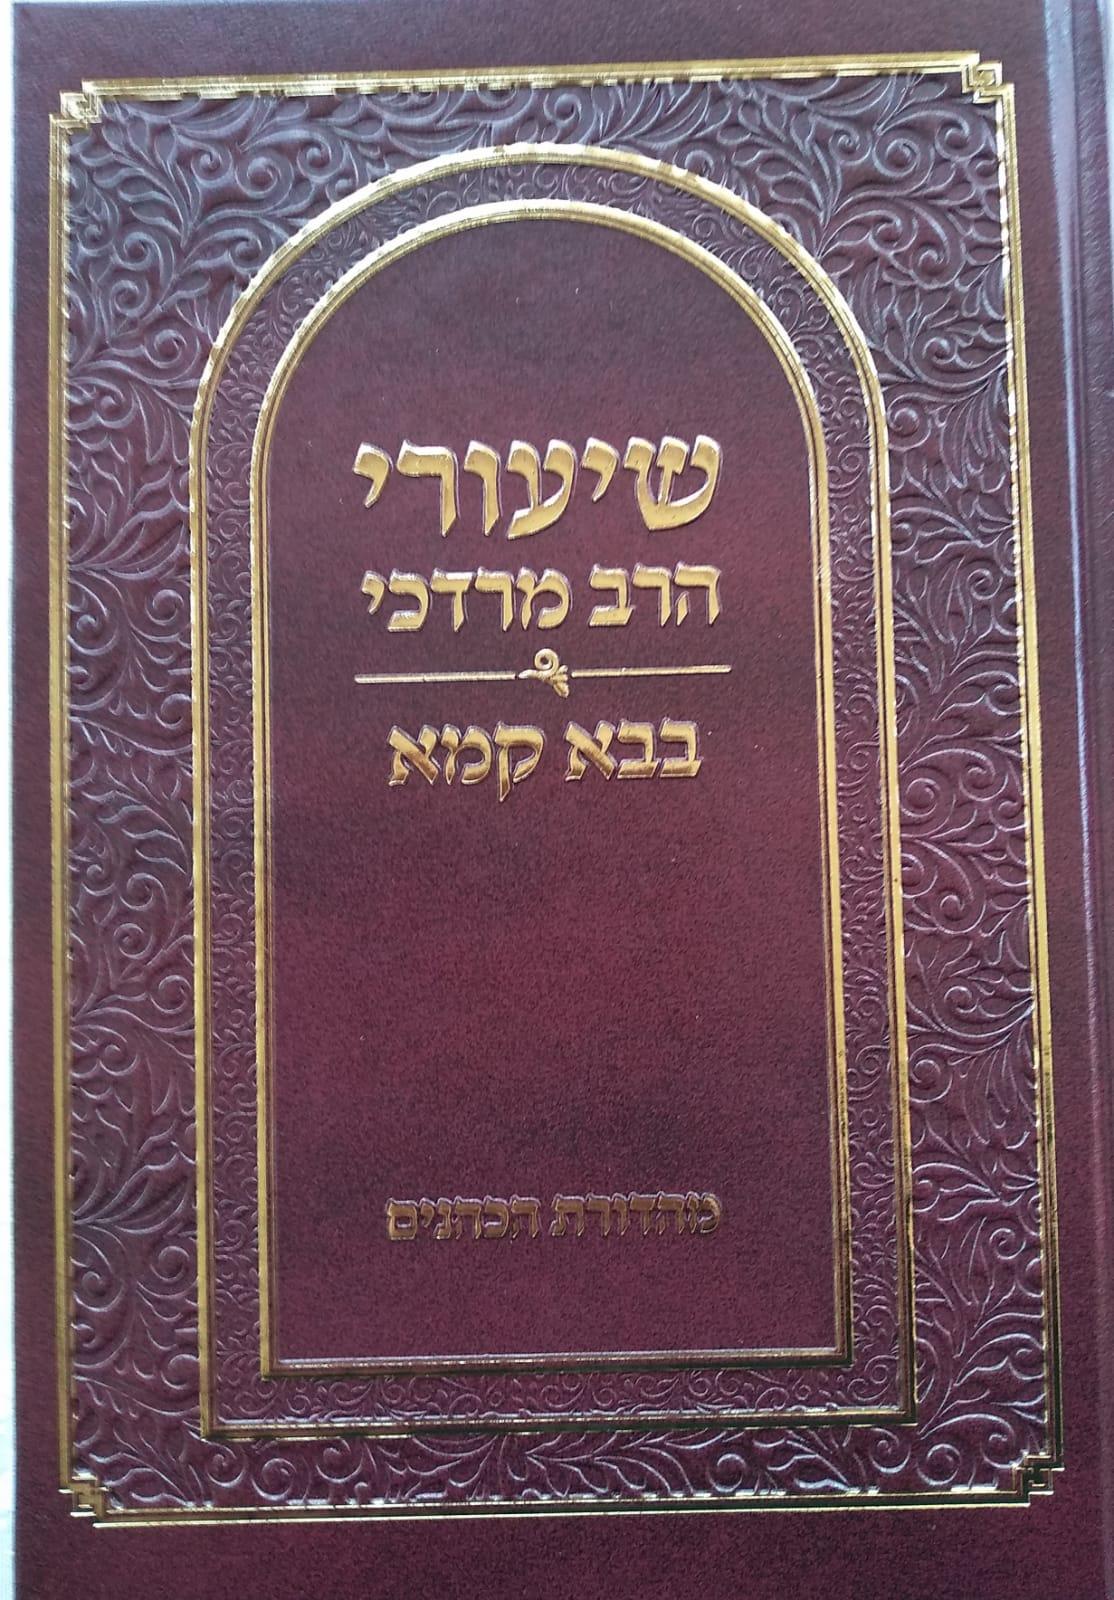 שיעורי הרב מרדכי -בבא קמא